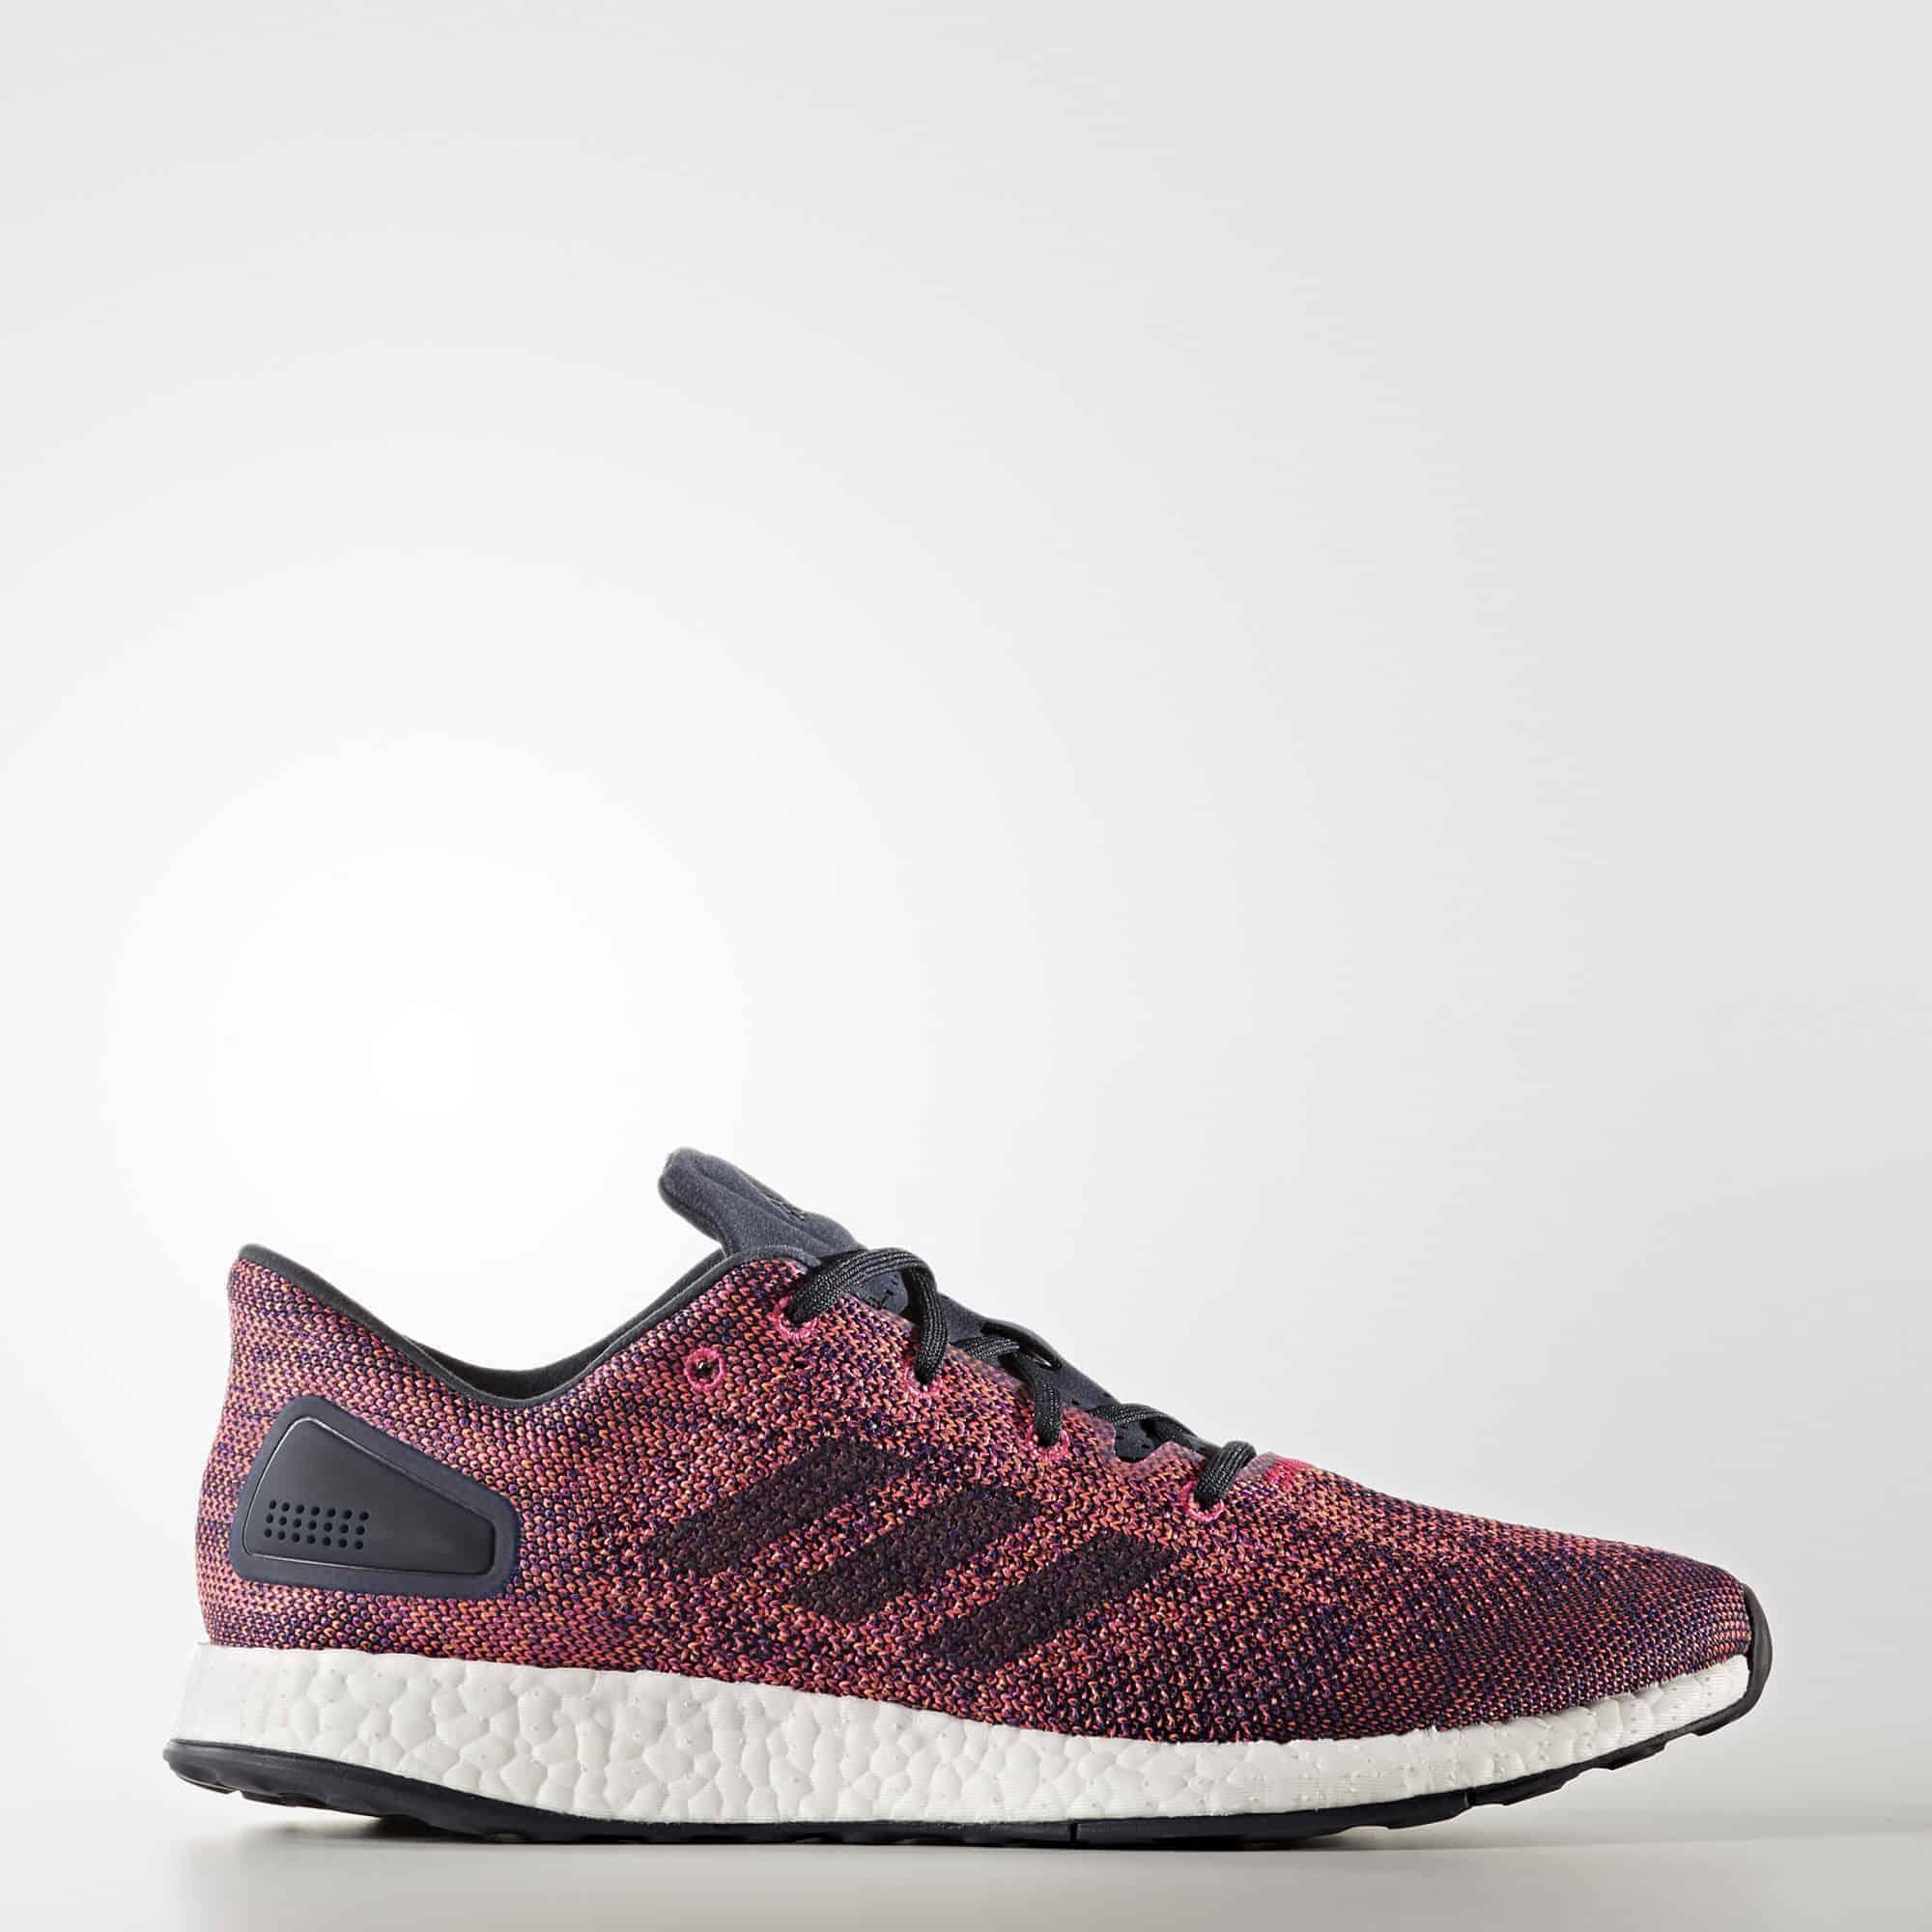 Кроссовки для бега Adidas PureBOOST DPR LTD мужские